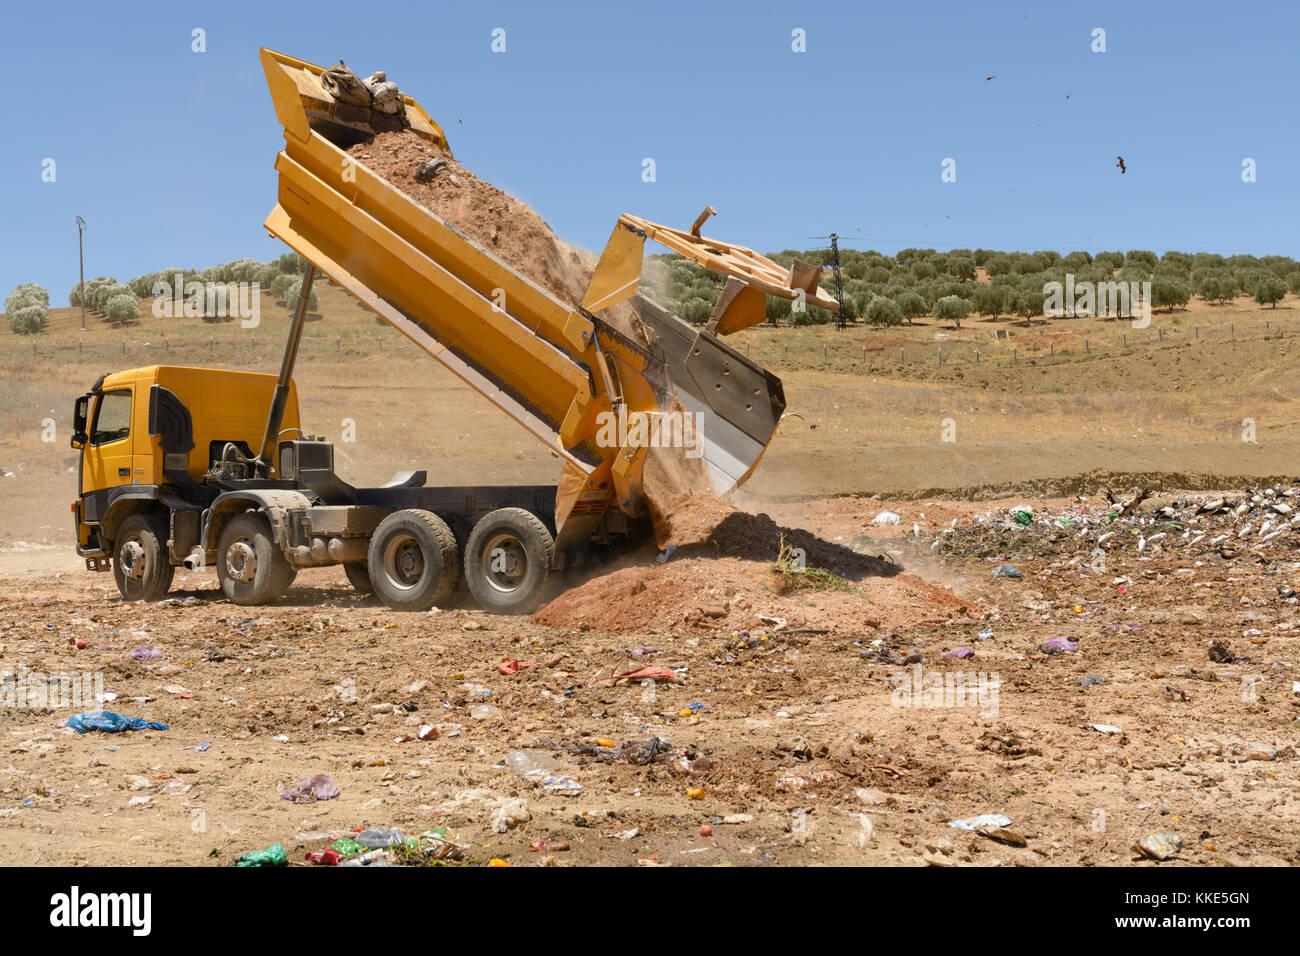 Truck unloading soil in landfill site - Stock Image